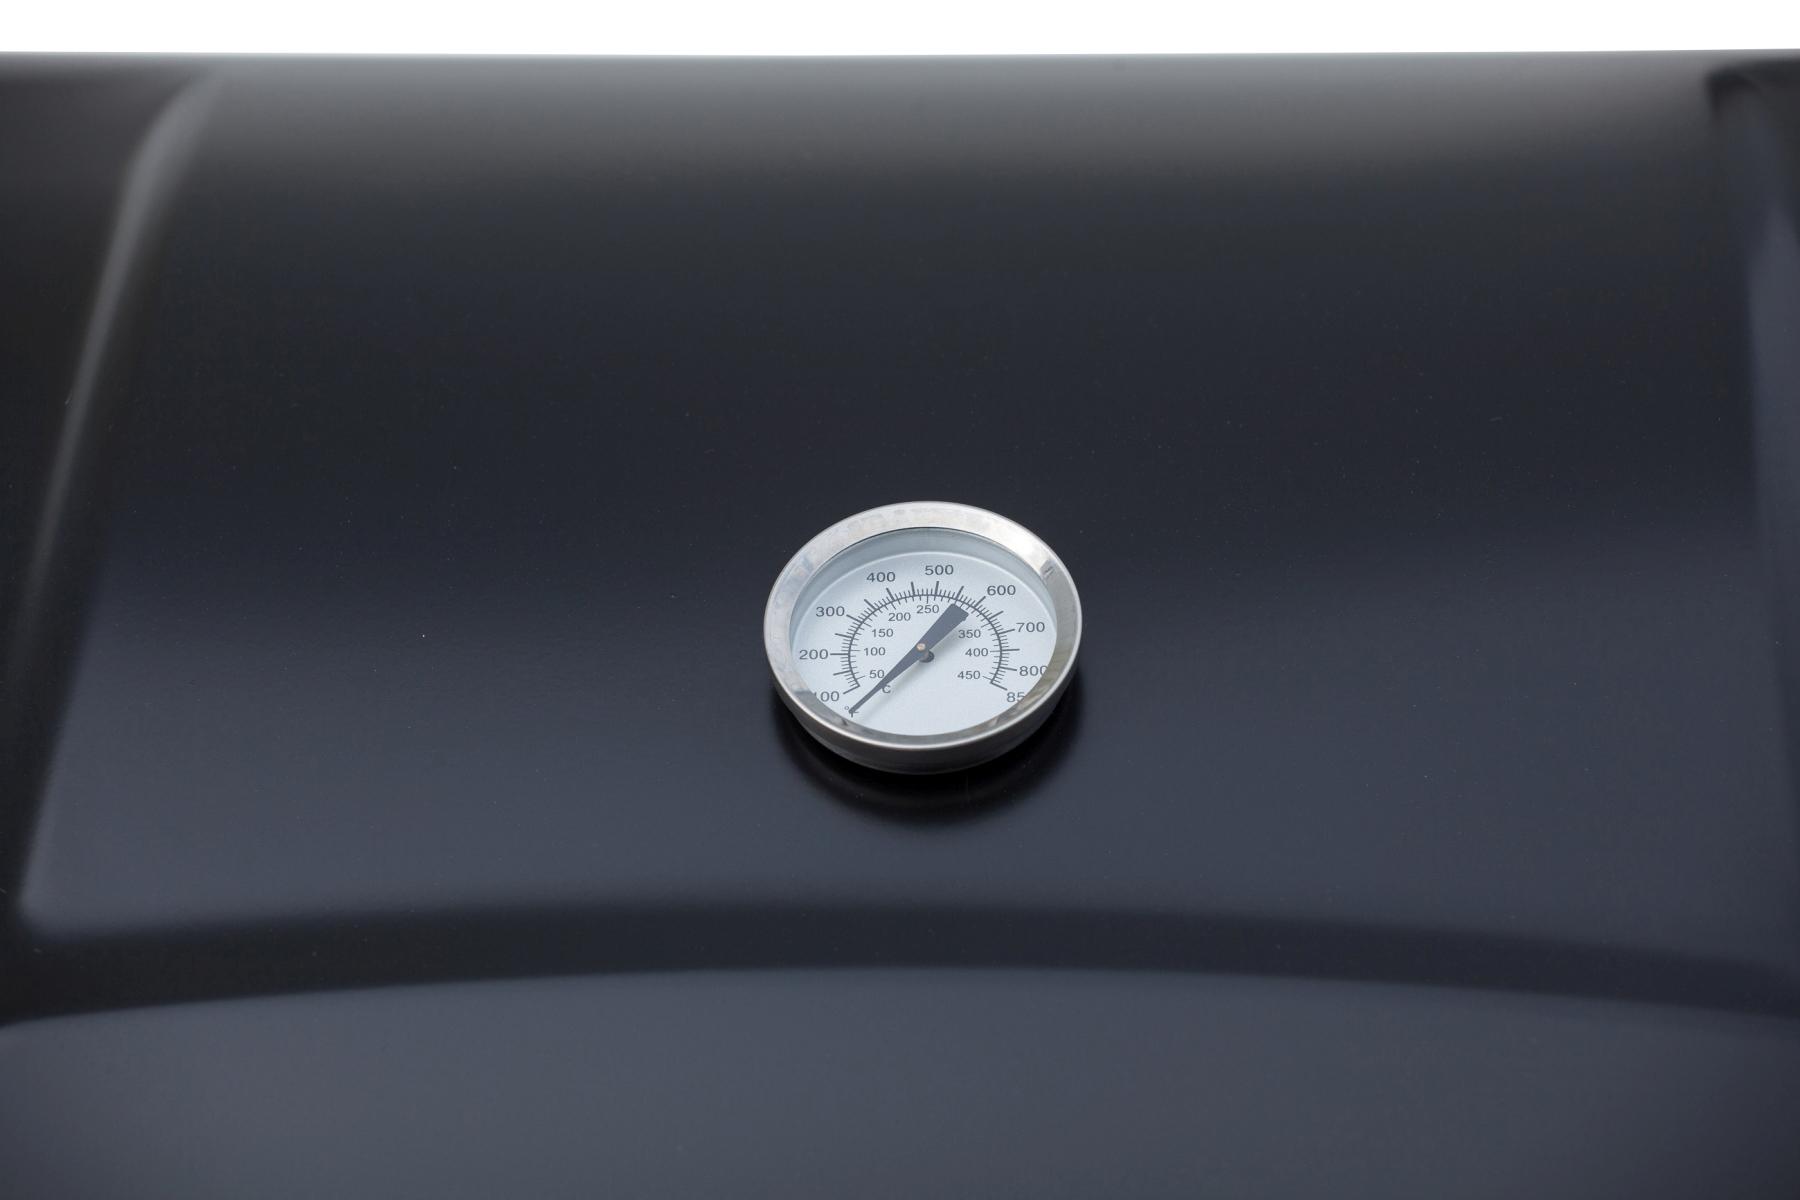 El Fuego Gasgrill / Grillwagen Dayton 6+1 schwarz Grillfläche 69x35cm Bild 8